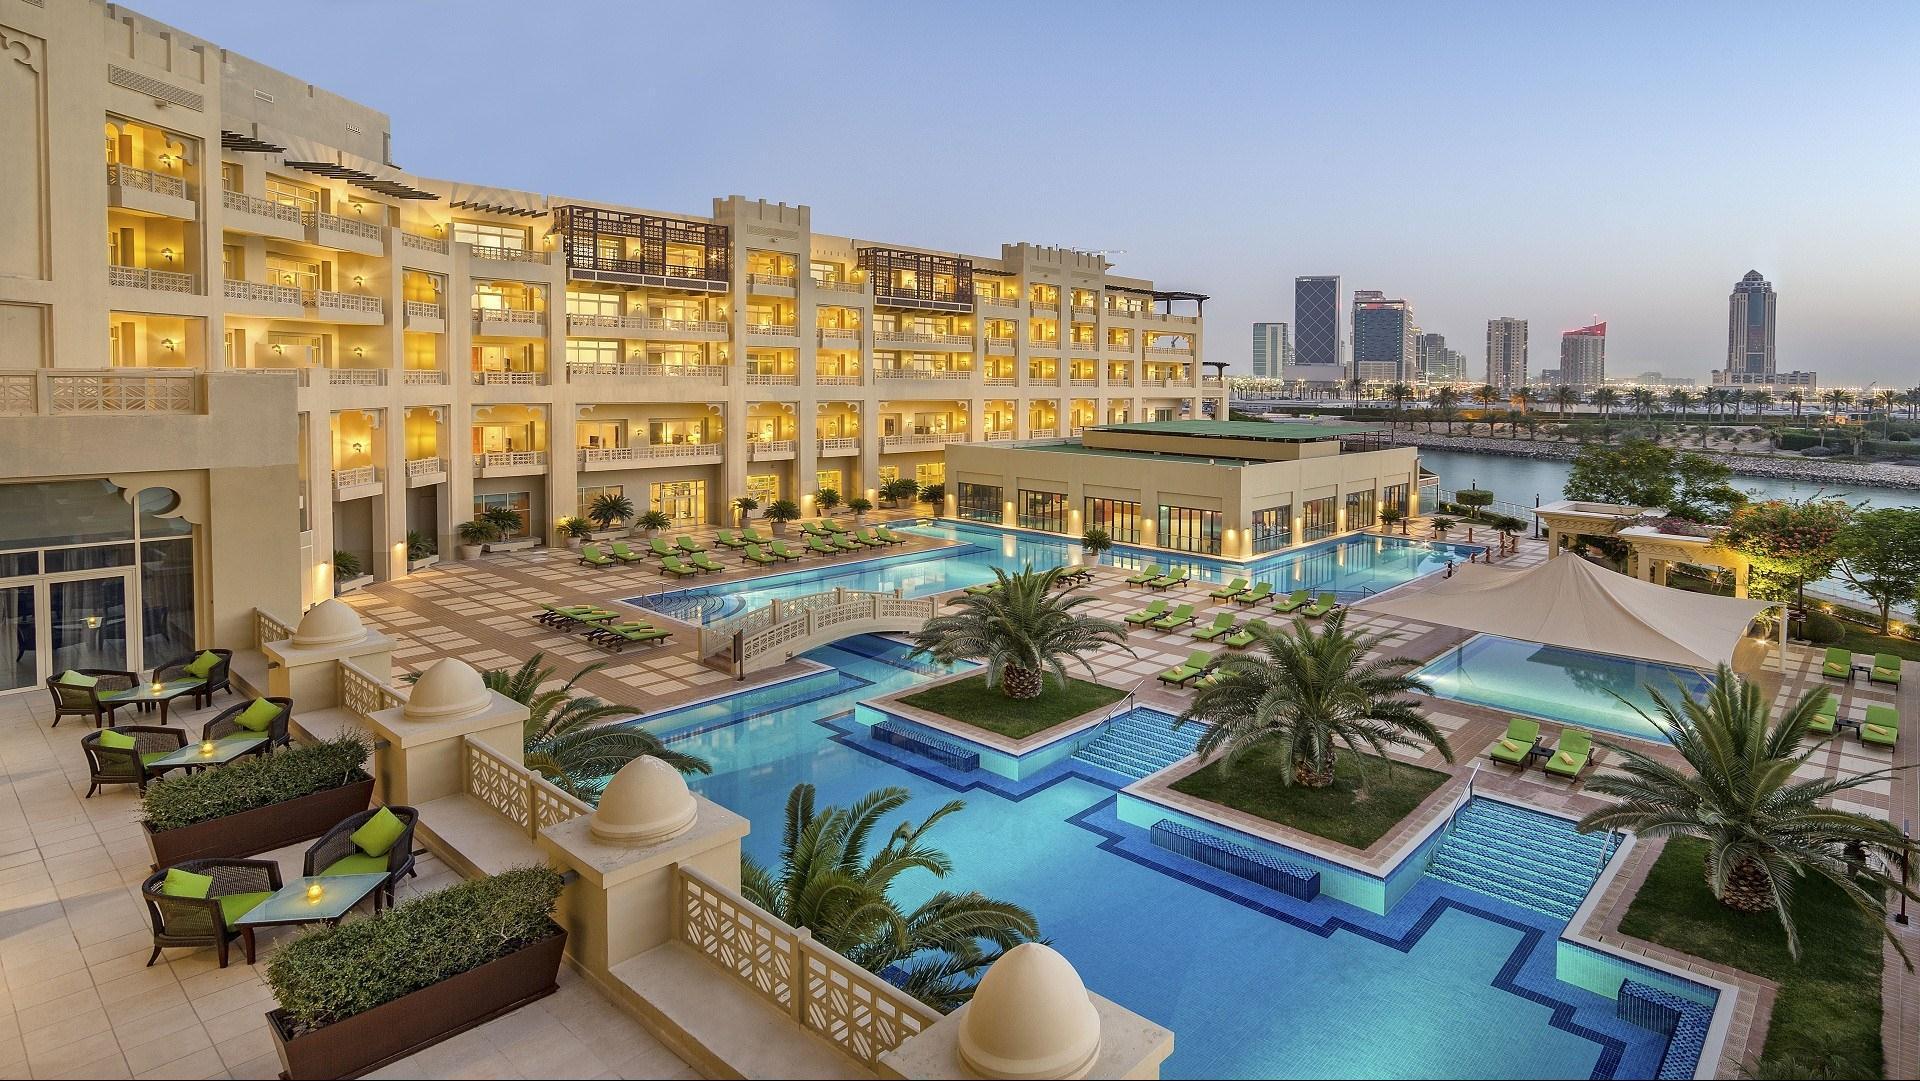 Bildergebnis für Park Hyatt Hotel Doha